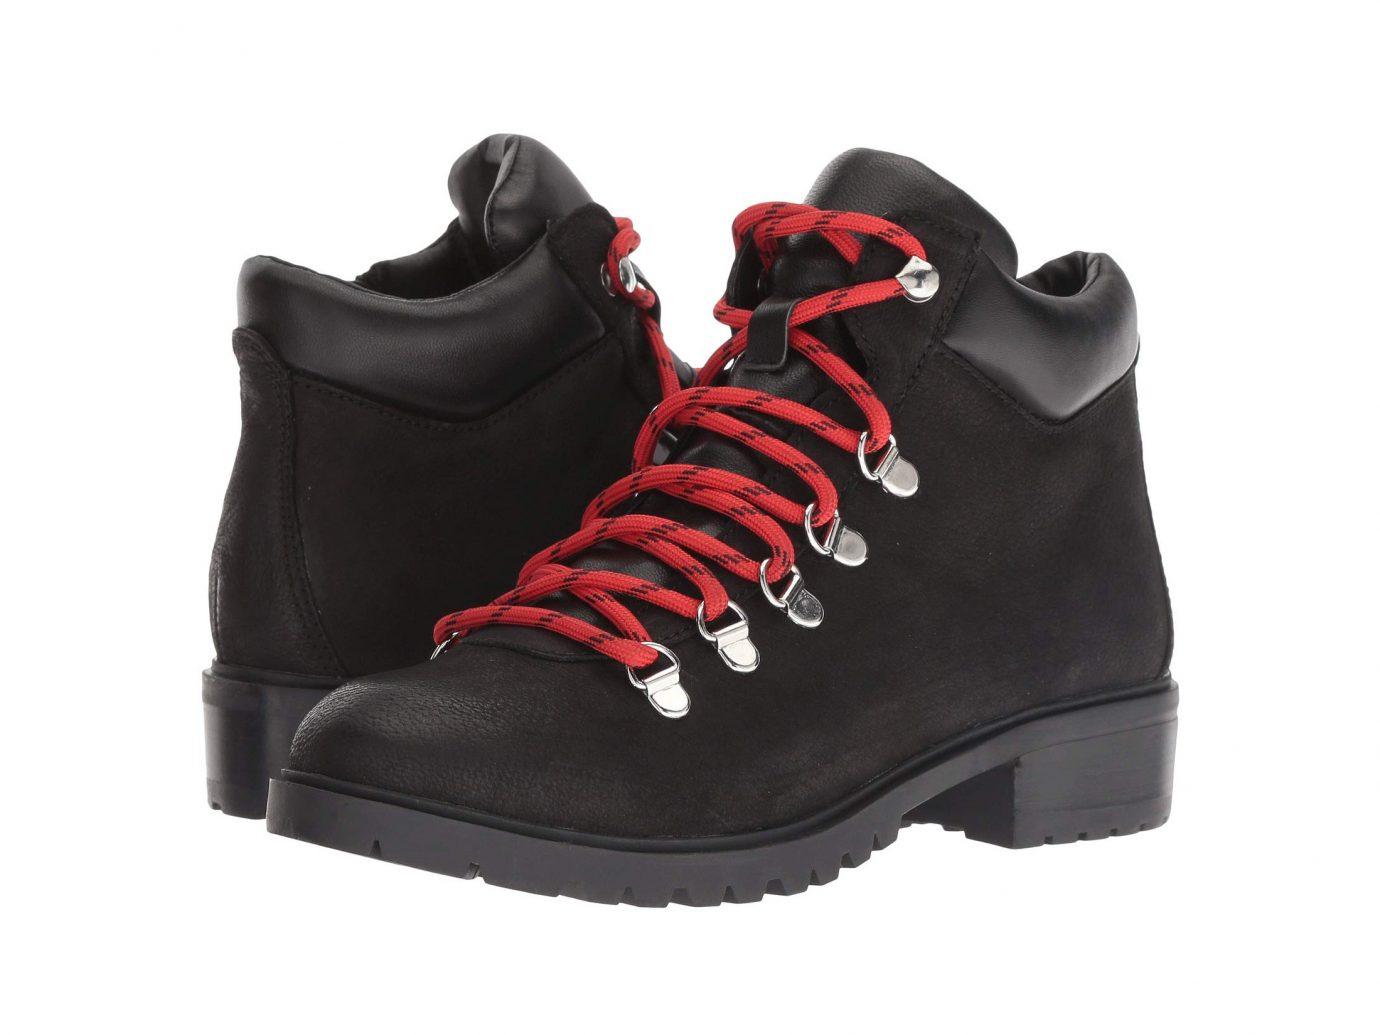 Steve Madden Lora boots